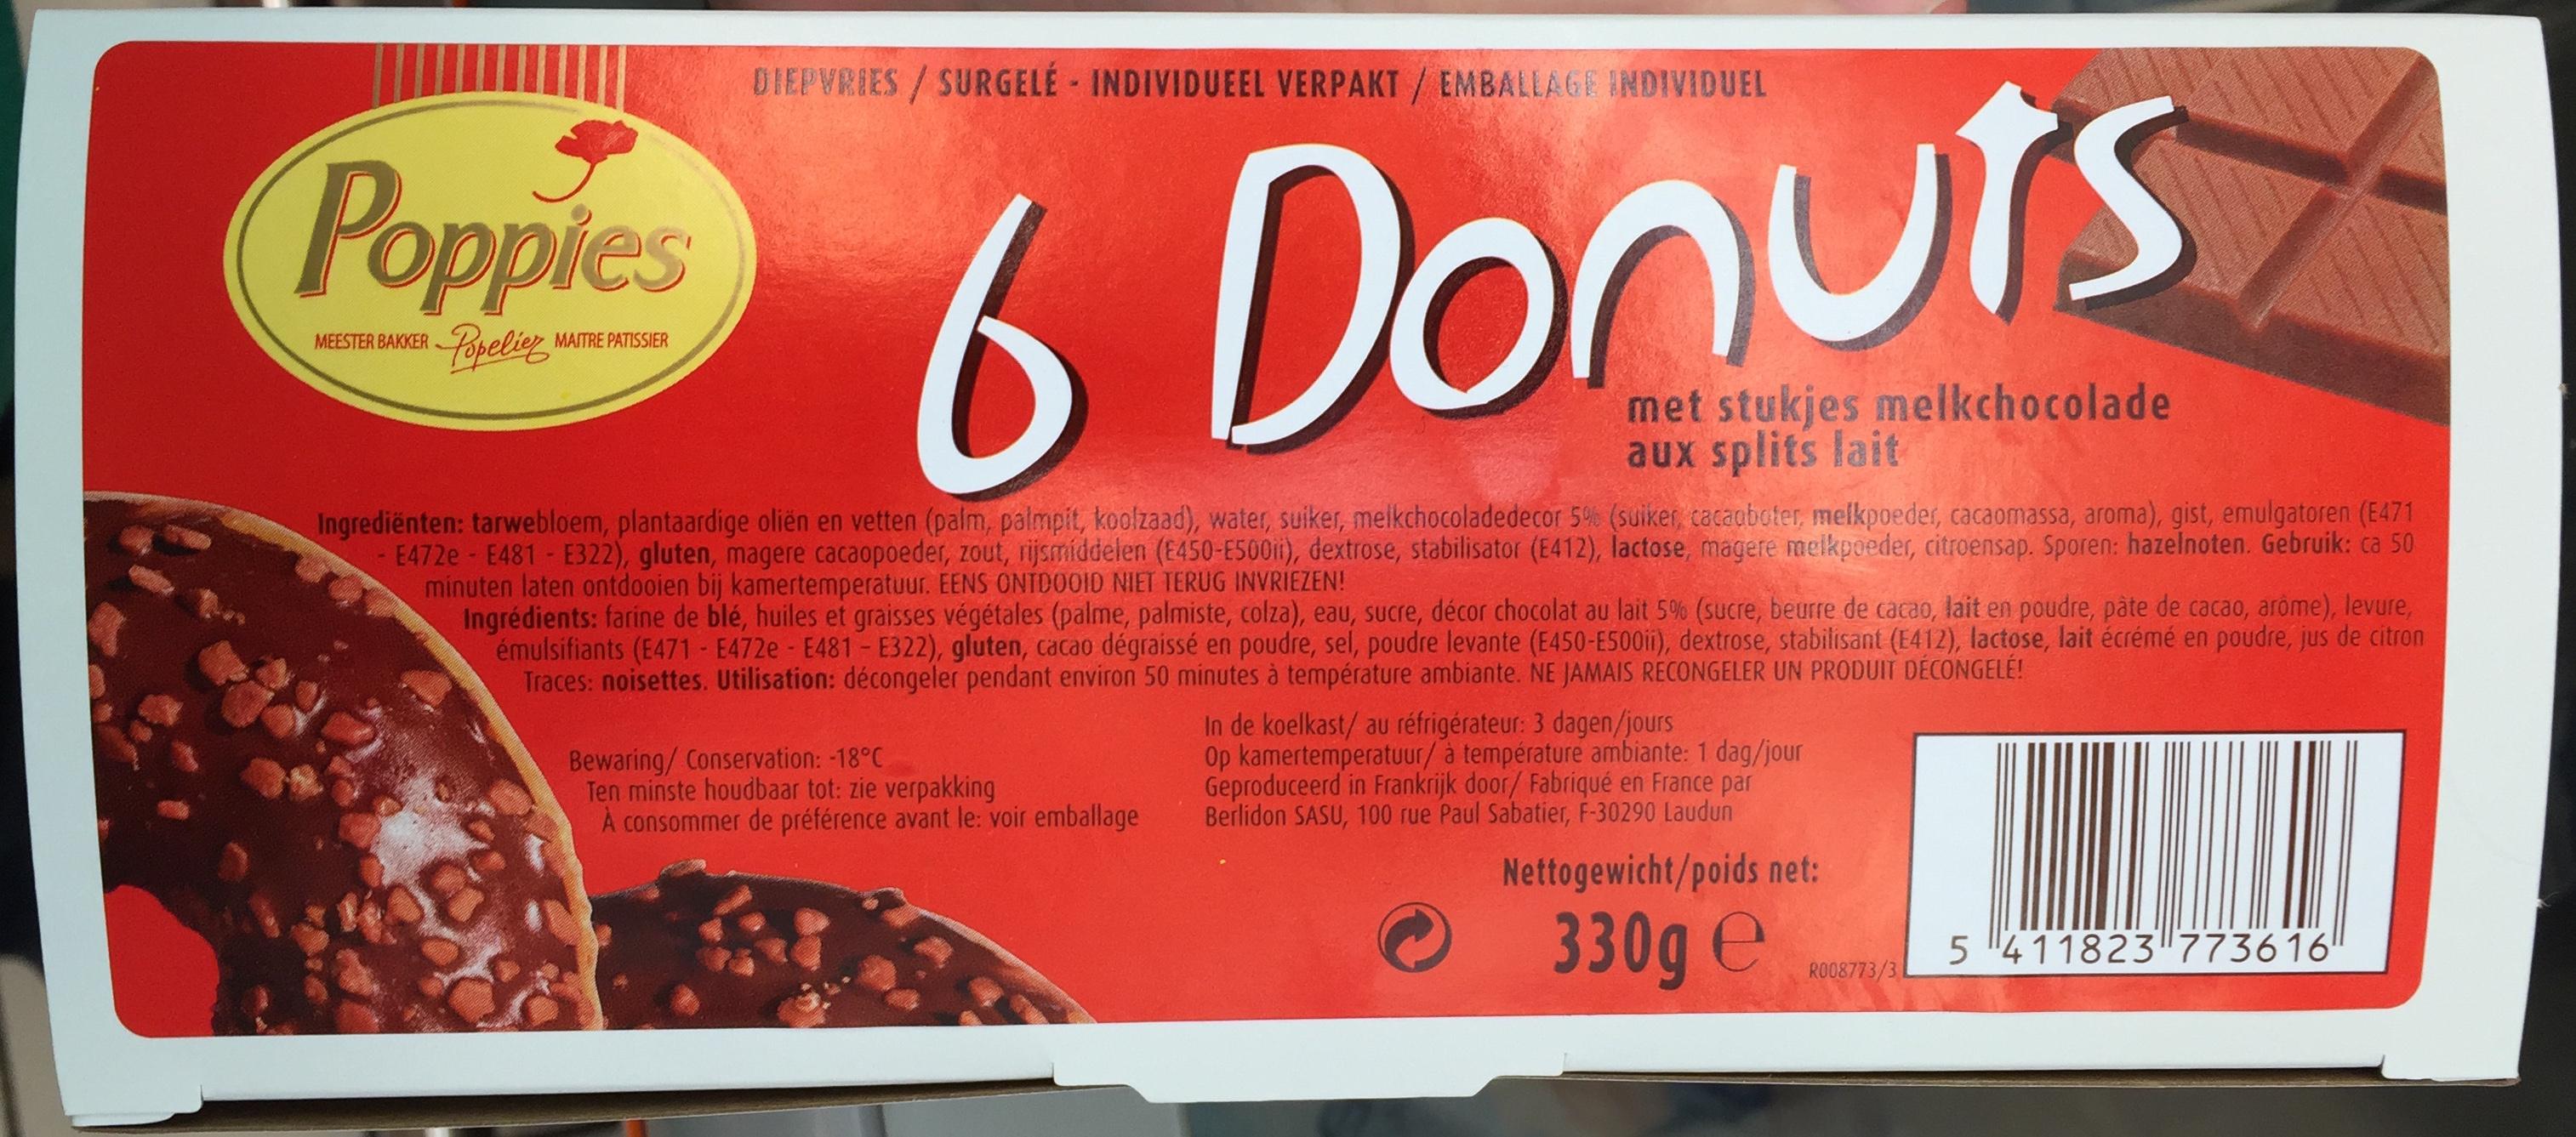 6 Donuts aux splits lait - Produit - fr